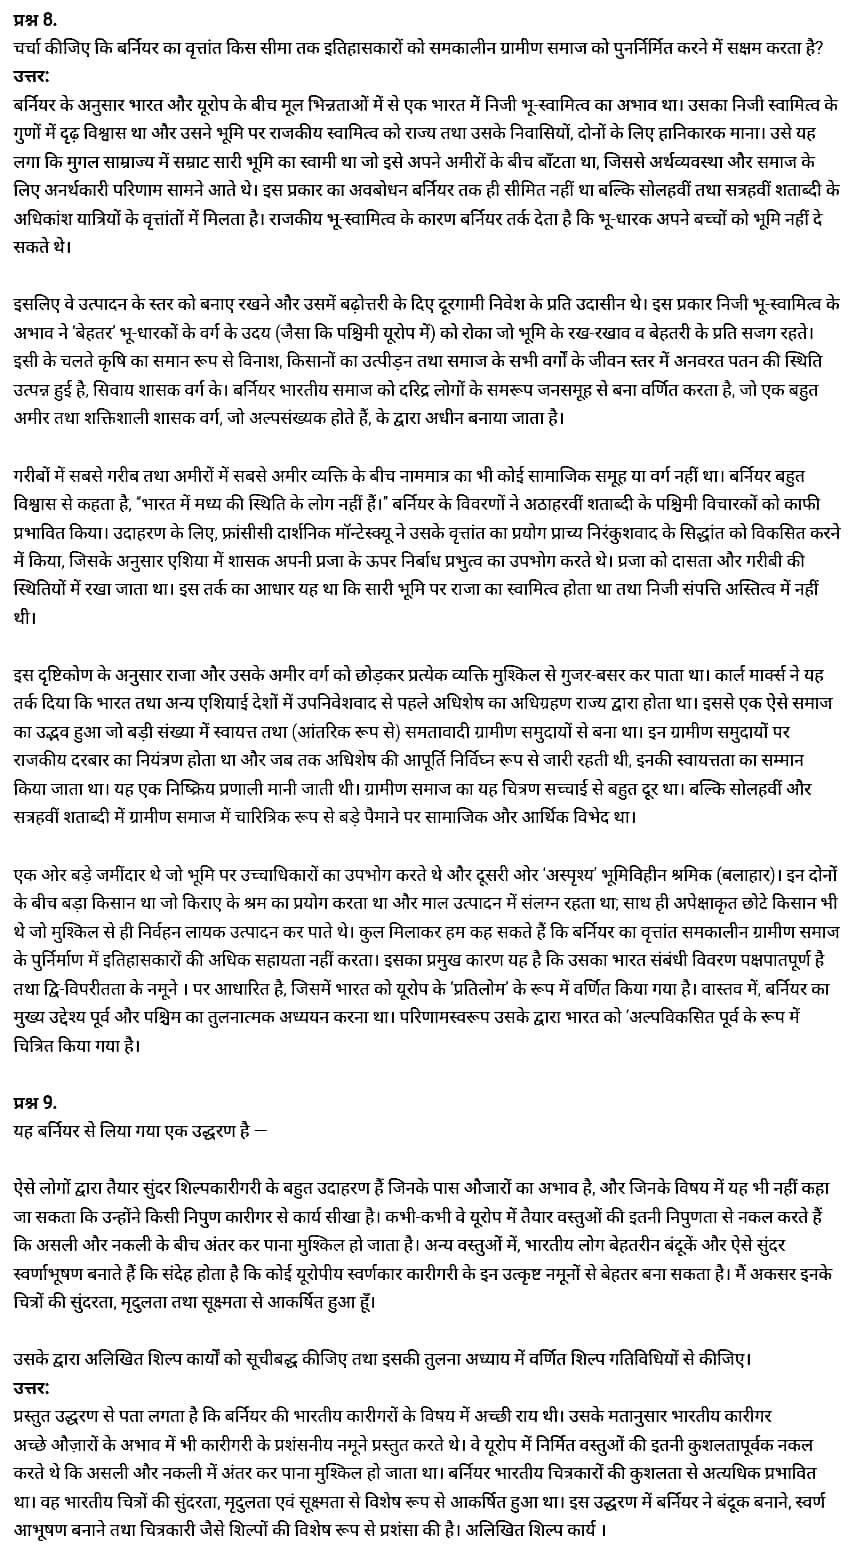 Class 12 History Chapter 5,  इतिहास कक्षा 12 नोट्स pdf,  इतिहास कक्षा 12 नोट्स 2021 NCERT,  इतिहास कक्षा 12 PDF,  इतिहास पुस्तक,  इतिहास की बुक,  इतिहास प्रश्नोत्तरी Class 12, 12 वीं इतिहास पुस्तक up board,  बिहार बोर्ड 12 वीं इतिहास नोट्स,   12th History book in hindi,12th History notes in hindi,cbse books for class 12,cbse books in hindi,cbse ncert books,class 12 History notes in hindi,class 12 hindi ncert solutions,History 2020,History 2021,History 2022,History book class 12,History book in hindi,History class 12 in hindi,History notes for class 12 up board in hindi,ncert all books,ncert app in hindi,ncert book solution,ncert books class 10,ncert books class 12,ncert books for class 7,ncert books for upsc in hindi,ncert books in hindi class 10,ncert books in hindi for class 12 History,ncert books in hindi for class 6,ncert books in hindi pdf,ncert class 12 hindi book,ncert english book,ncert History book in hindi,ncert History books in hindi pdf,ncert History class 12,ncert in hindi,old ncert books in hindi,online ncert books in hindi,up board 12th,up board 12th syllabus,up board class 10 hindi book,up board class 12 books,up board class 12 new syllabus,up Board Maths 2020,up Board Maths 2021,up Board Maths 2022,up Board Maths 2023,up board intermediate History syllabus,up board intermediate syllabus 2021,Up board Master 2021,up board model paper 2021,up board model paper all subject,up board new syllabus of class 12th History,up board paper 2021,Up board syllabus 2021,UP board syllabus 2022,  12 वीं इतिहास पुस्तक हिंदी में, 12 वीं इतिहास नोट्स हिंदी में, कक्षा 12 के लिए सीबीएससी पुस्तकें, हिंदी में सीबीएससी पुस्तकें, सीबीएससी  पुस्तकें, कक्षा 12 इतिहास नोट्स हिंदी में, कक्षा 12 हिंदी एनसीईआरटी समाधान, इतिहास 2020, इतिहास 2021, इतिहास 2022, इतिहास  बुक क्लास 12, इतिहास बुक इन हिंदी, इतिहास क्लास 12 हिंदी में, इतिहास नोट्स इन क्लास 12 यूपी  बोर्ड इन हिंदी, एनसीईआरटी इतिहास की किताब हिंदी में,  बोर्ड 12 वीं तक, 12 वीं तक की पाठ्यक्रम, बोर्ड कक्षा 10 की हिंदी पुस्तक